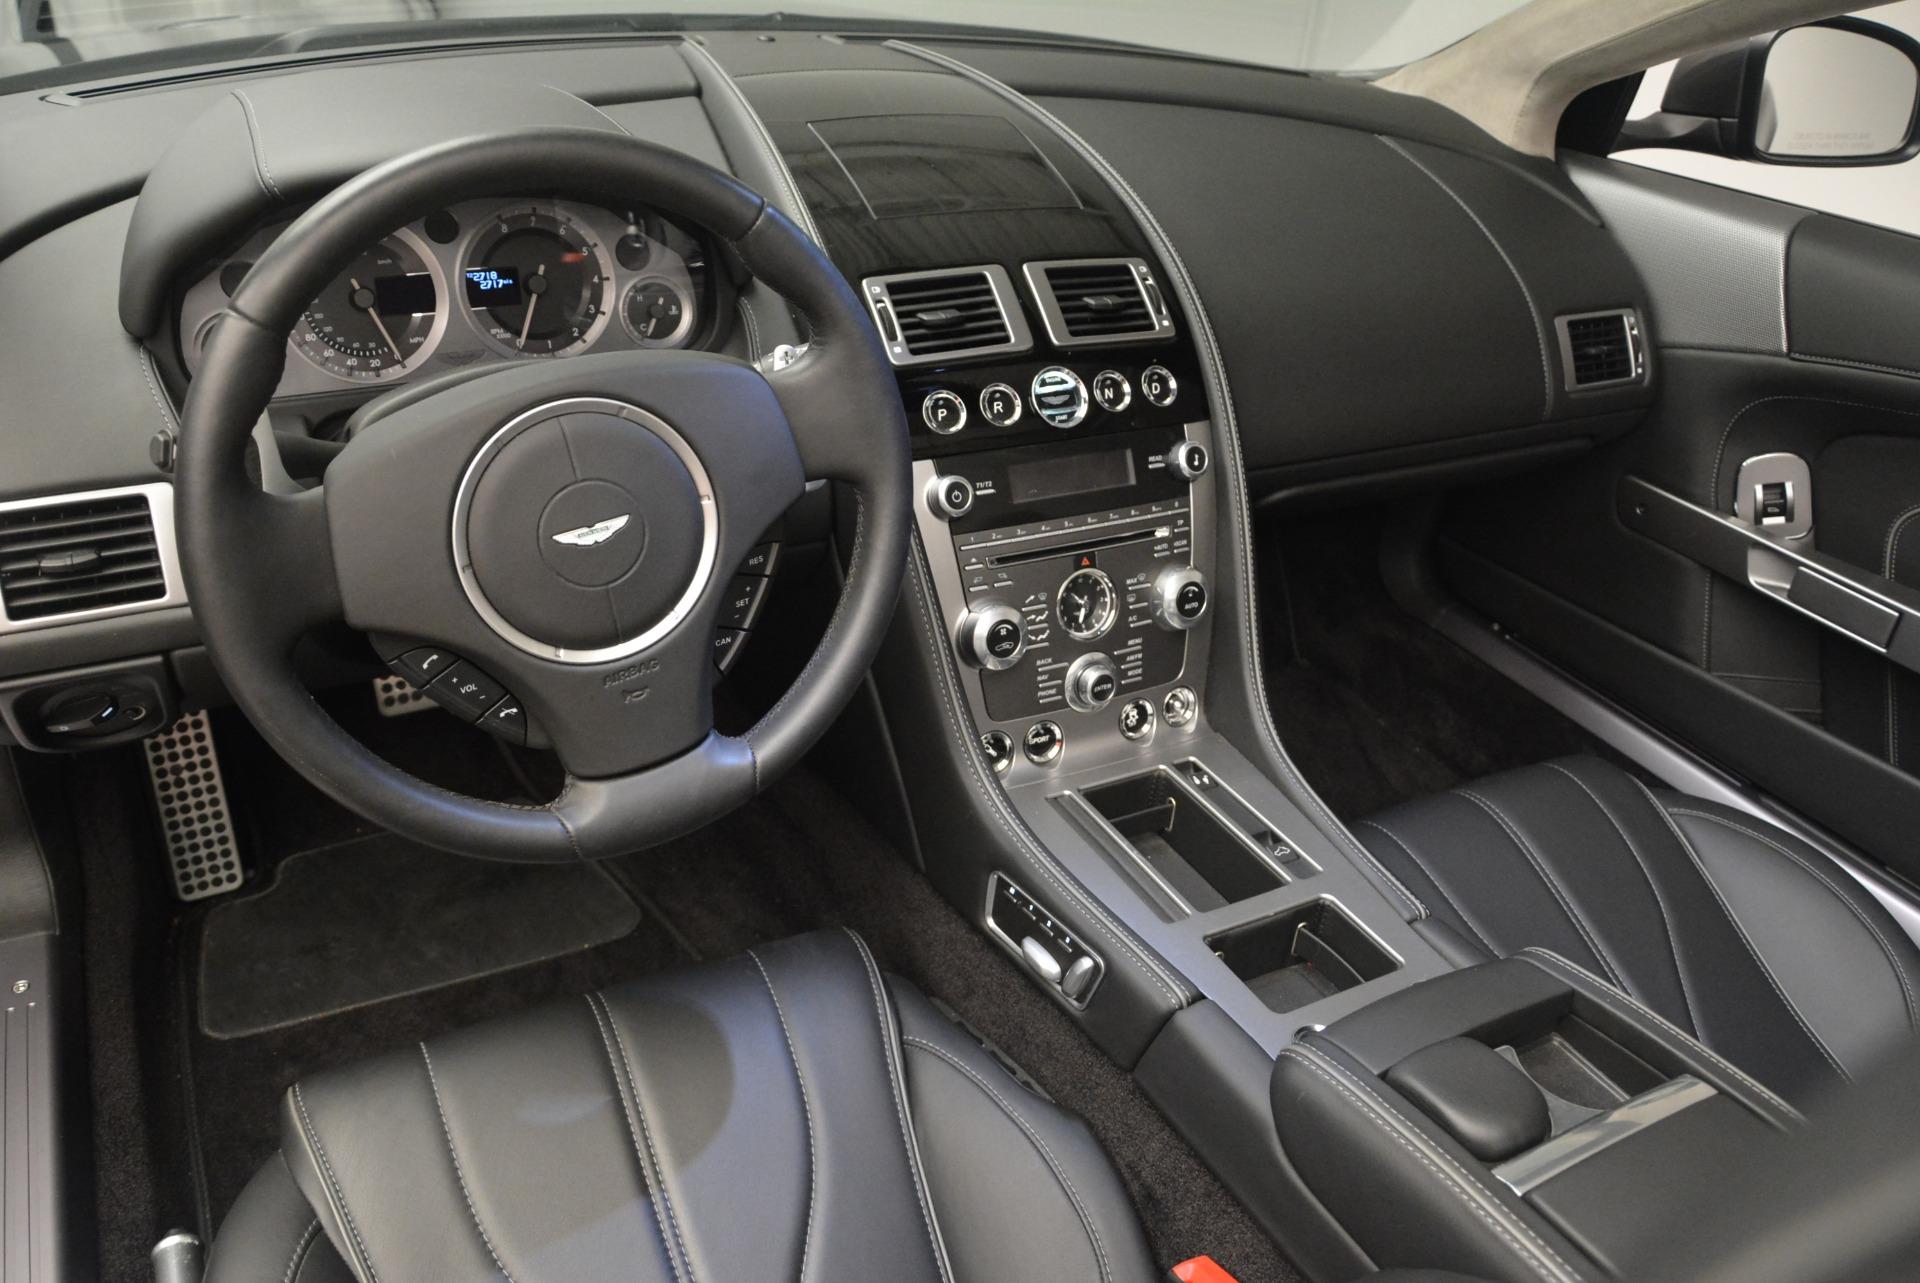 Used 2014 Aston Martin DB9 Volante For Sale In Greenwich, CT 2319_p26